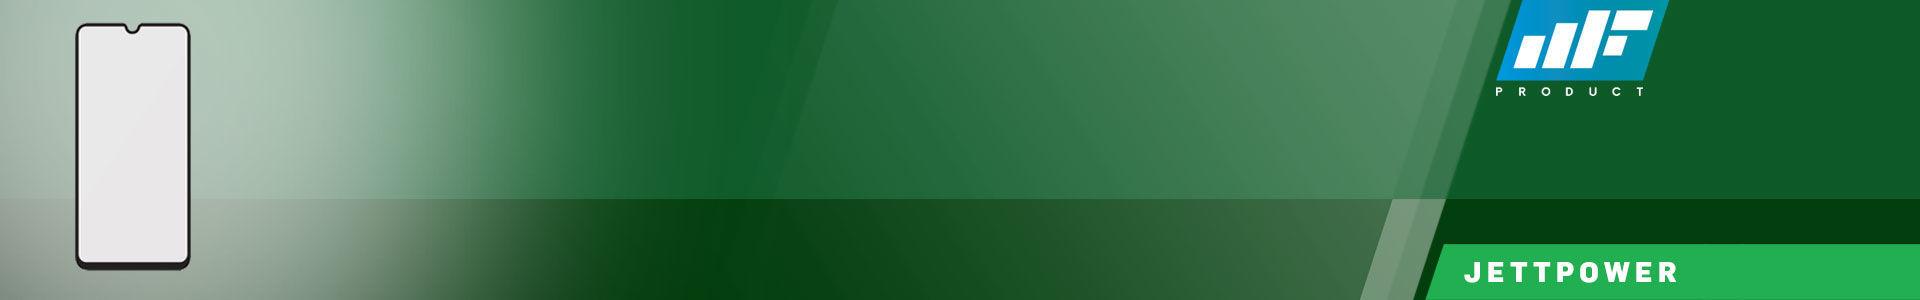 MF Product Jettpower 0428 Renklı Ekran Koruyucu Cam Samsung Galaxy A70 için en doğru adrestesin!